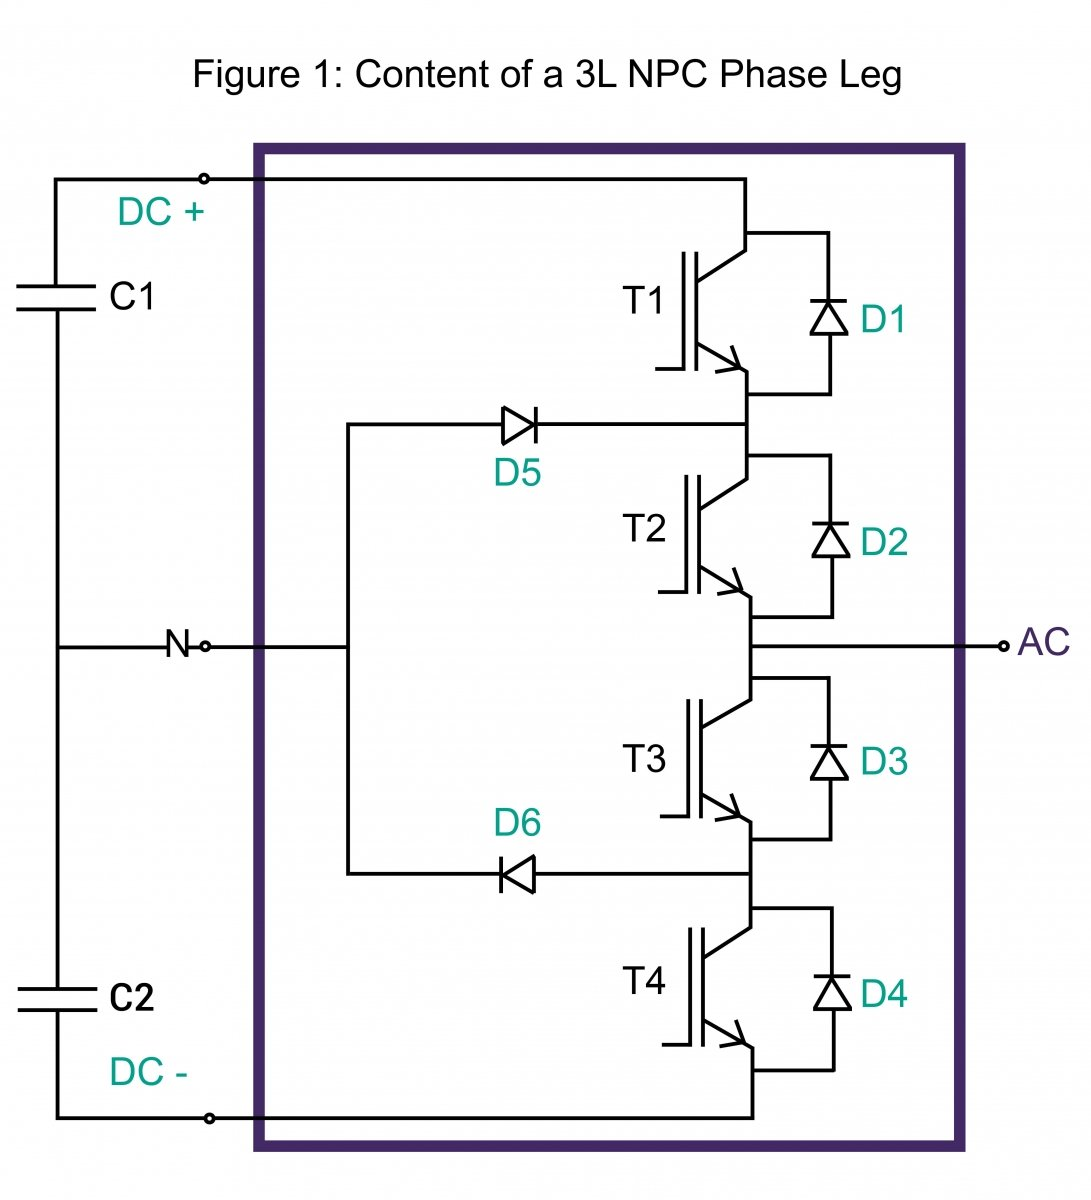 Content of a 3L NPC Phase Leg.